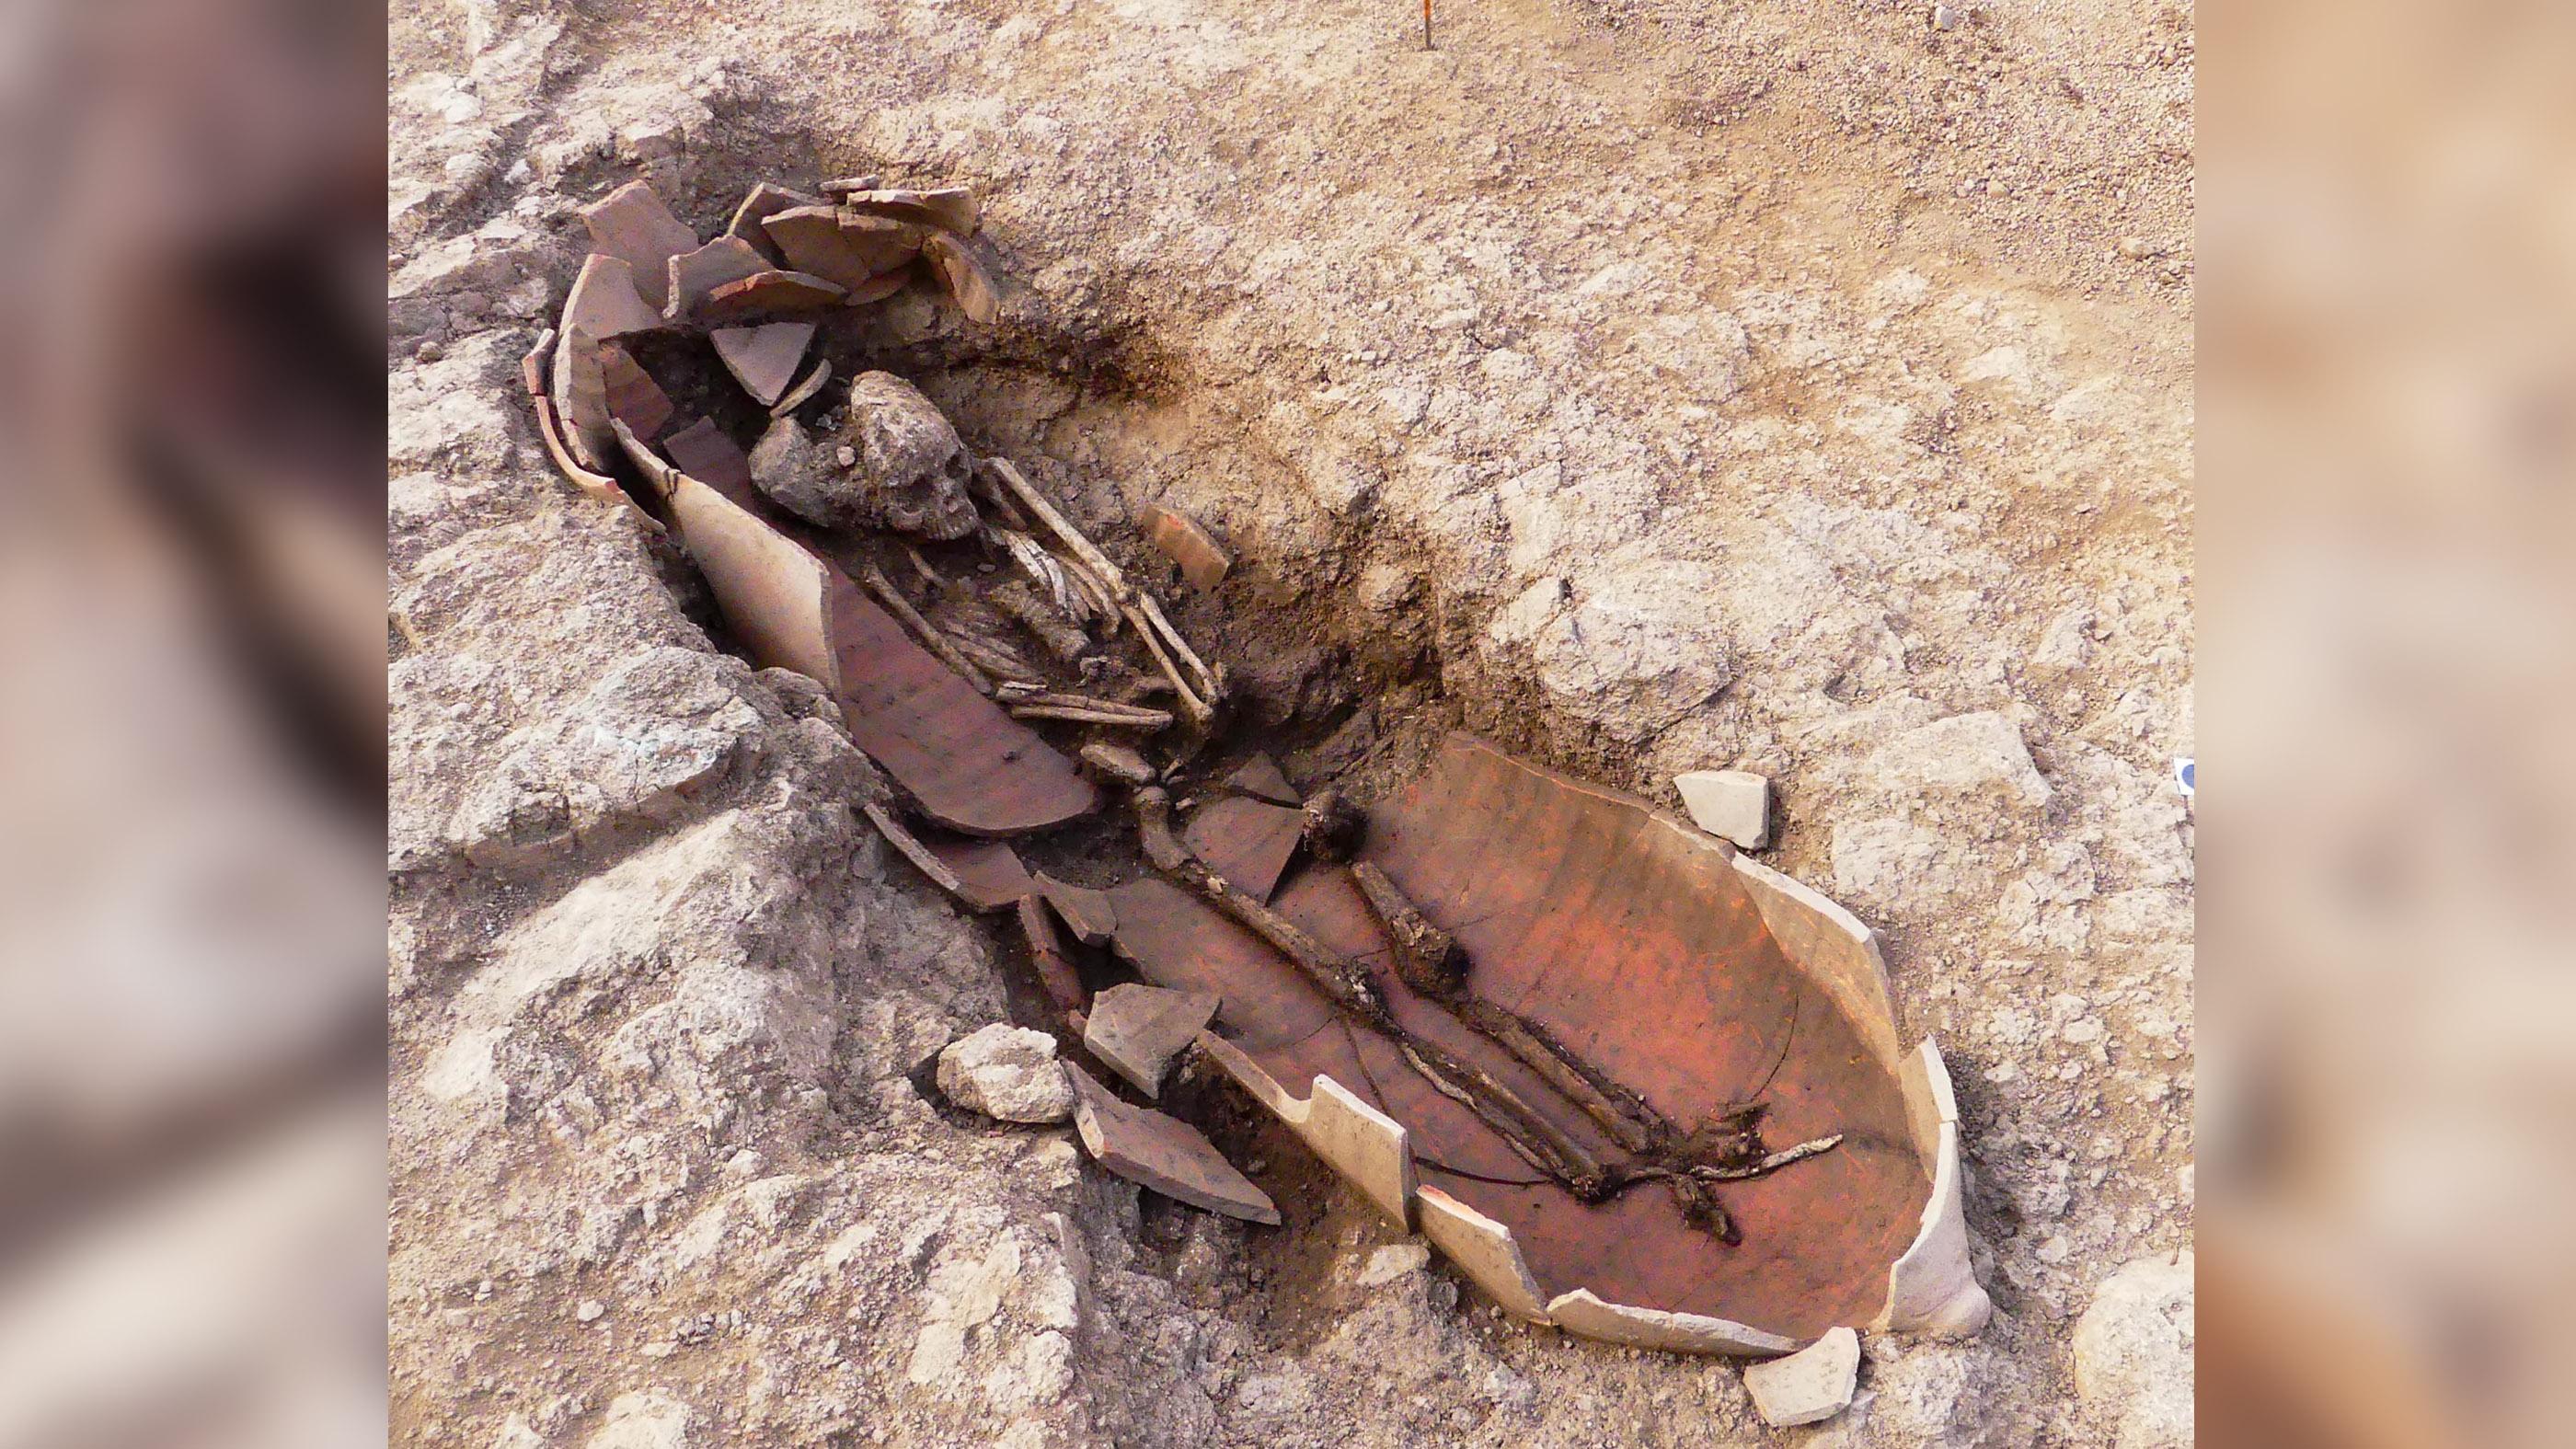 Dans l'ancienne nécropole de Corse, les archéologues ont découvert que certains des restes humains avaient été enterrés dans des pots d'amphores.